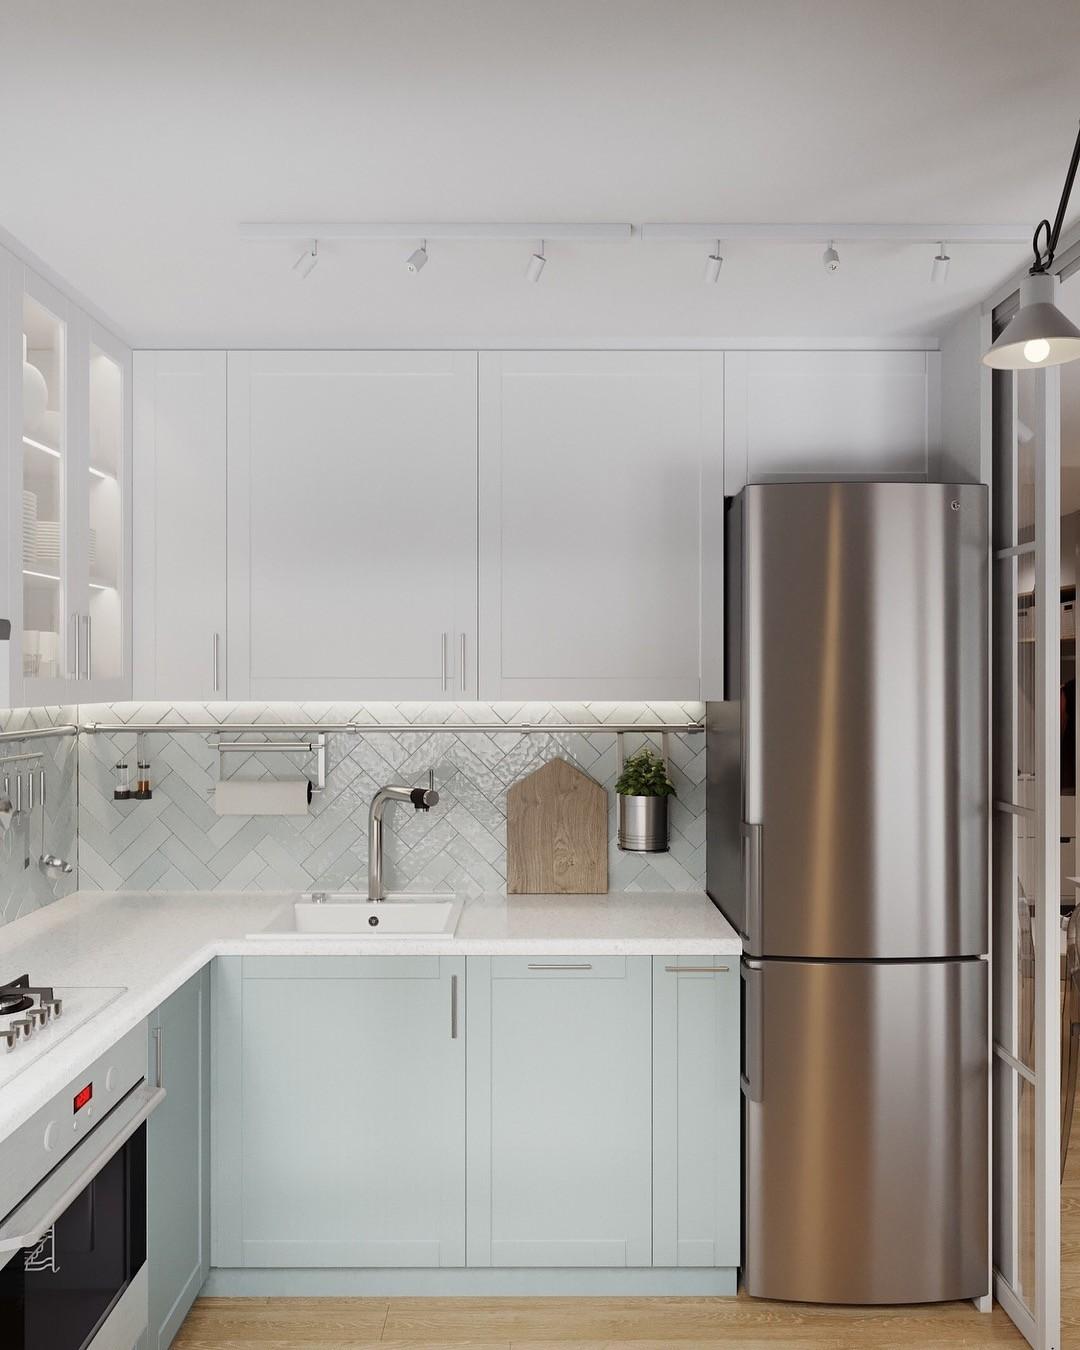 Формально, перегородка или складная дверь нужна, чтобы облегчить согласование у жилищных служб. Если оставить устаревшее оборудование, от неприятностей она не защитит.